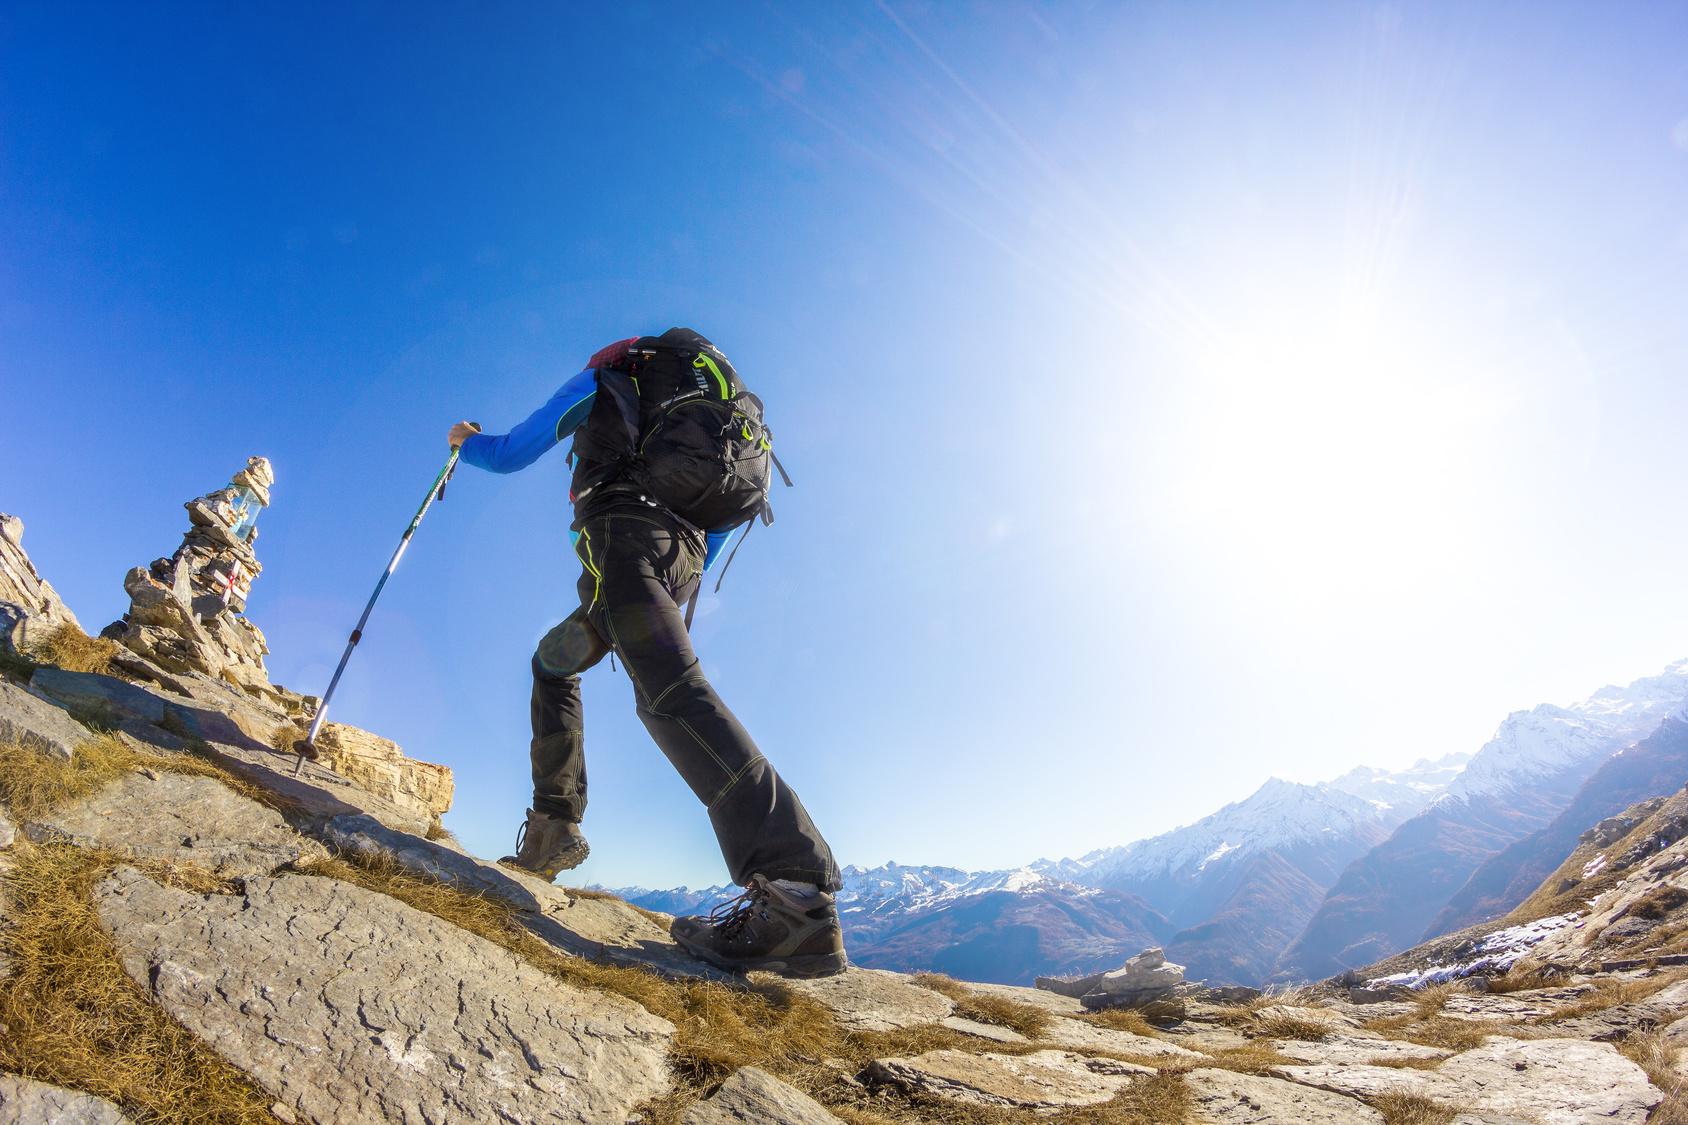 青空の下、登山をしている男性。